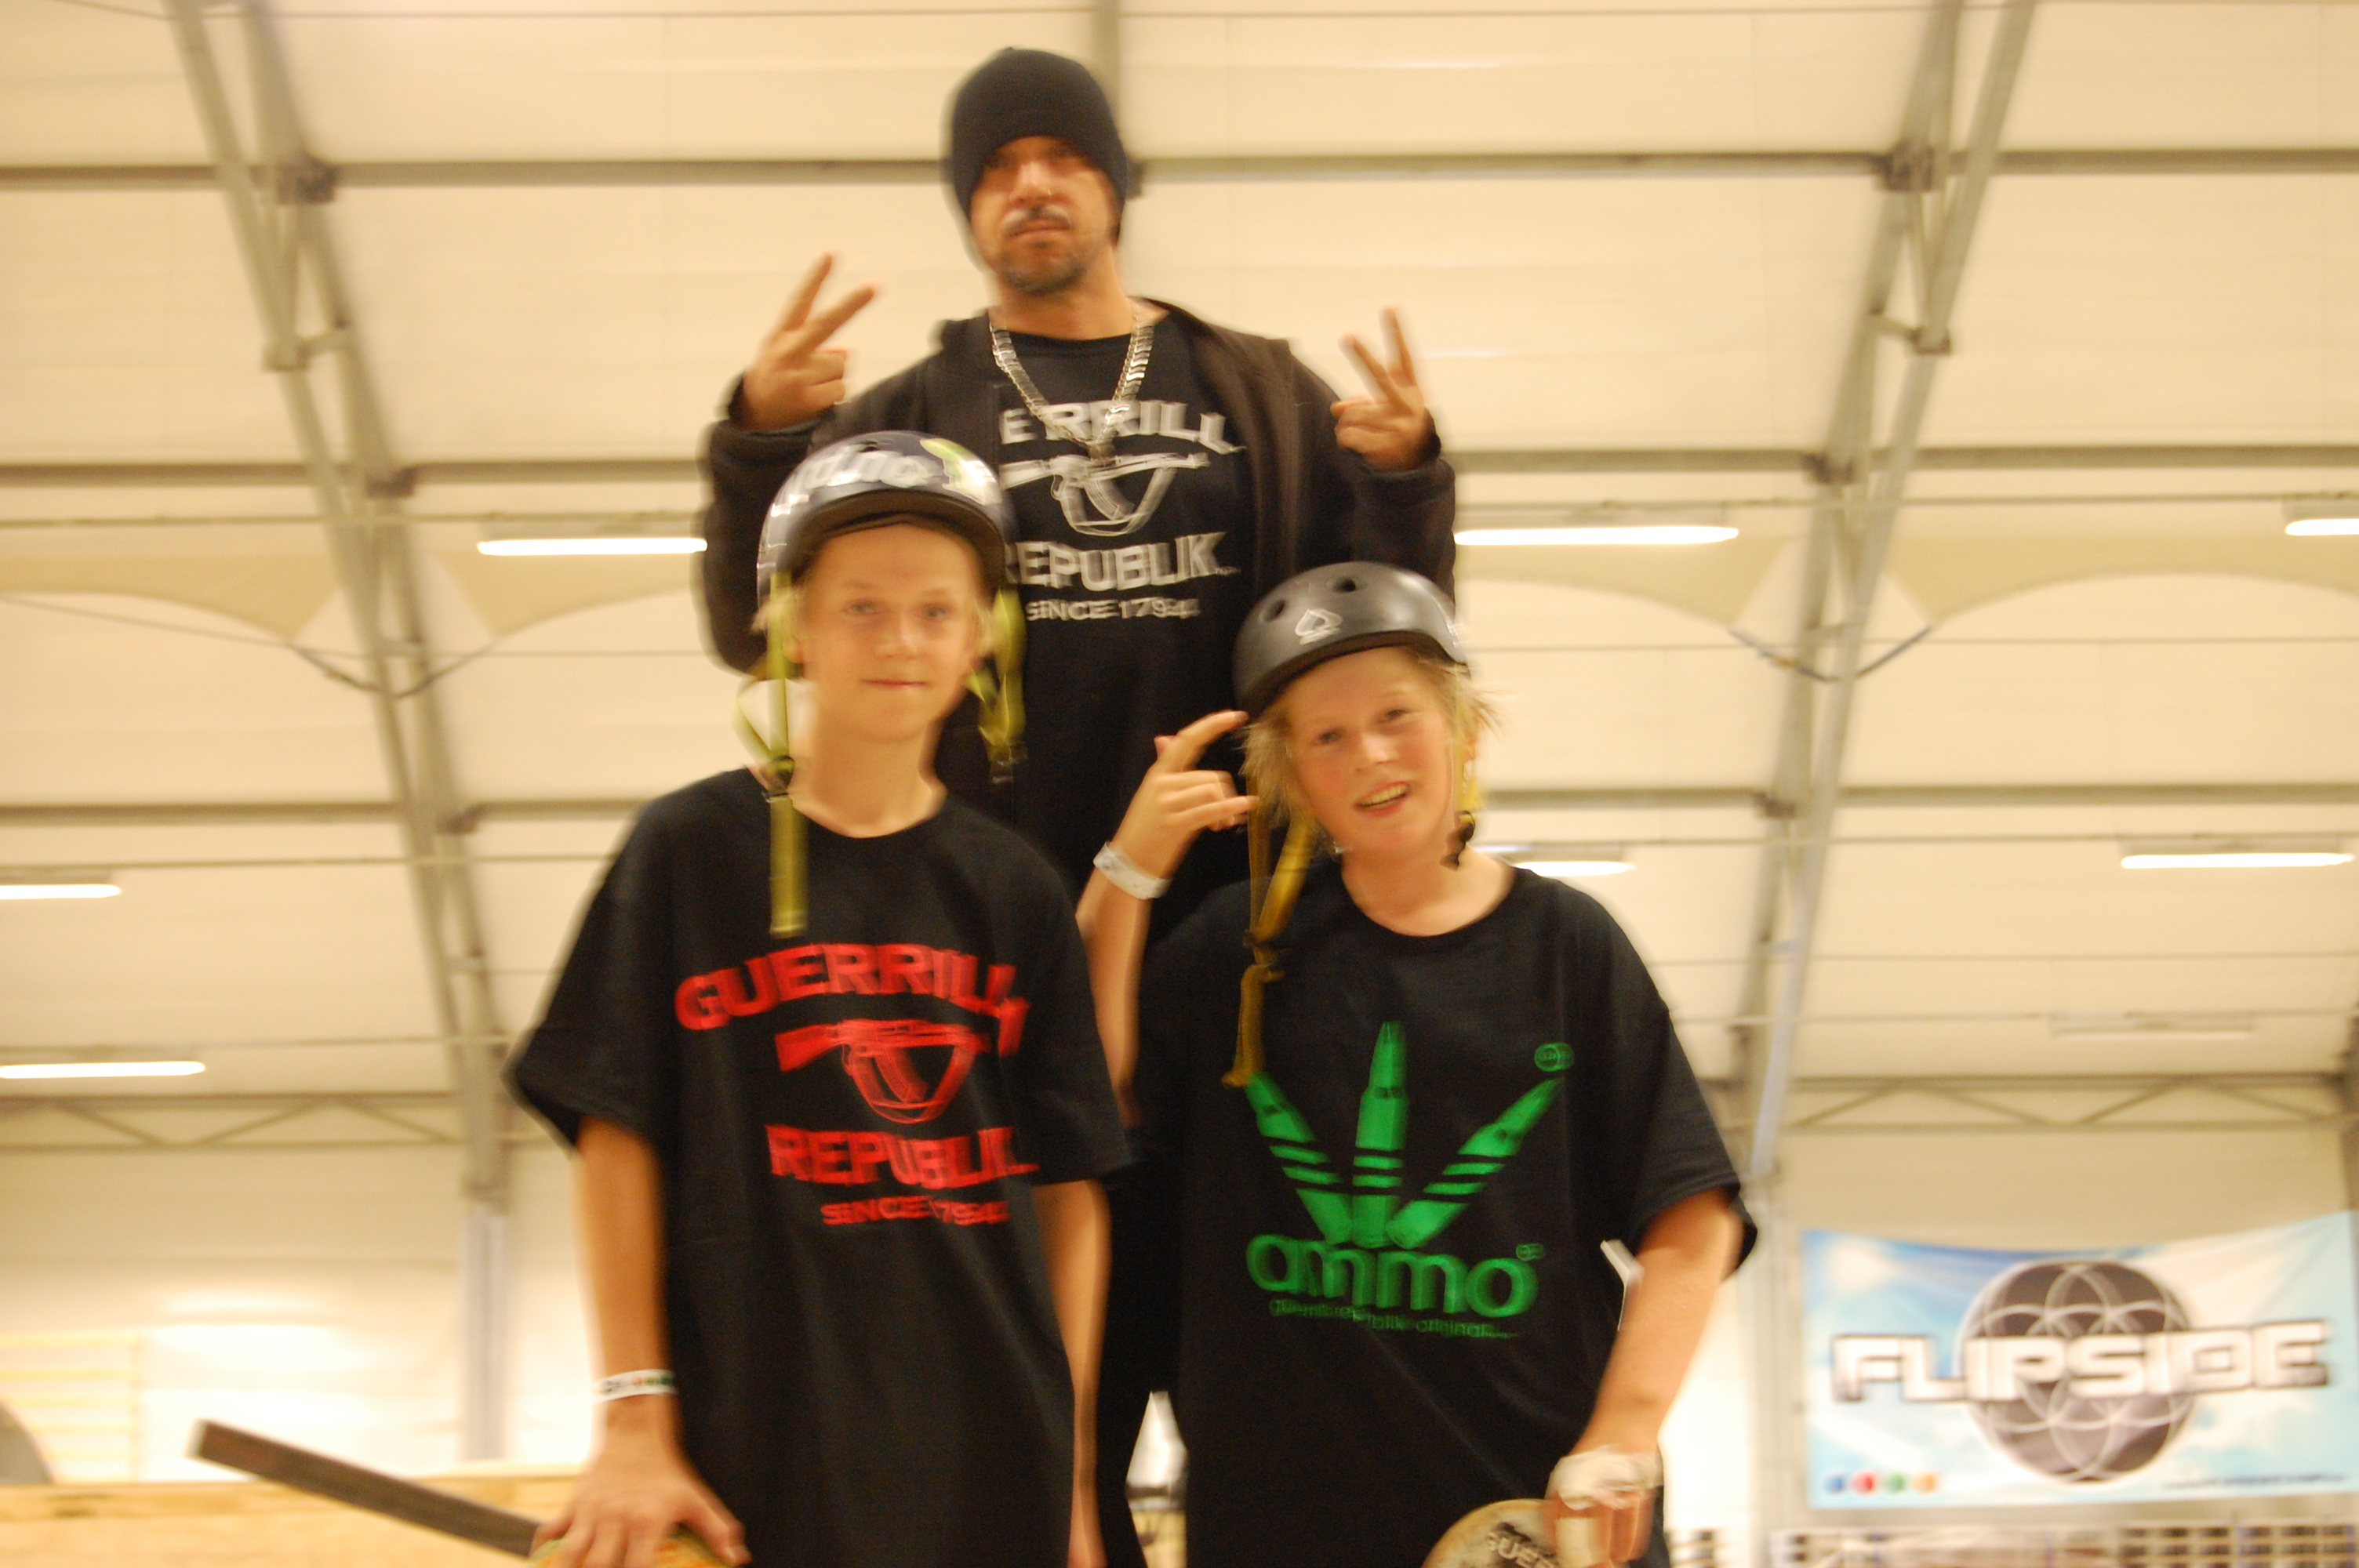 Flipside Skate Camp